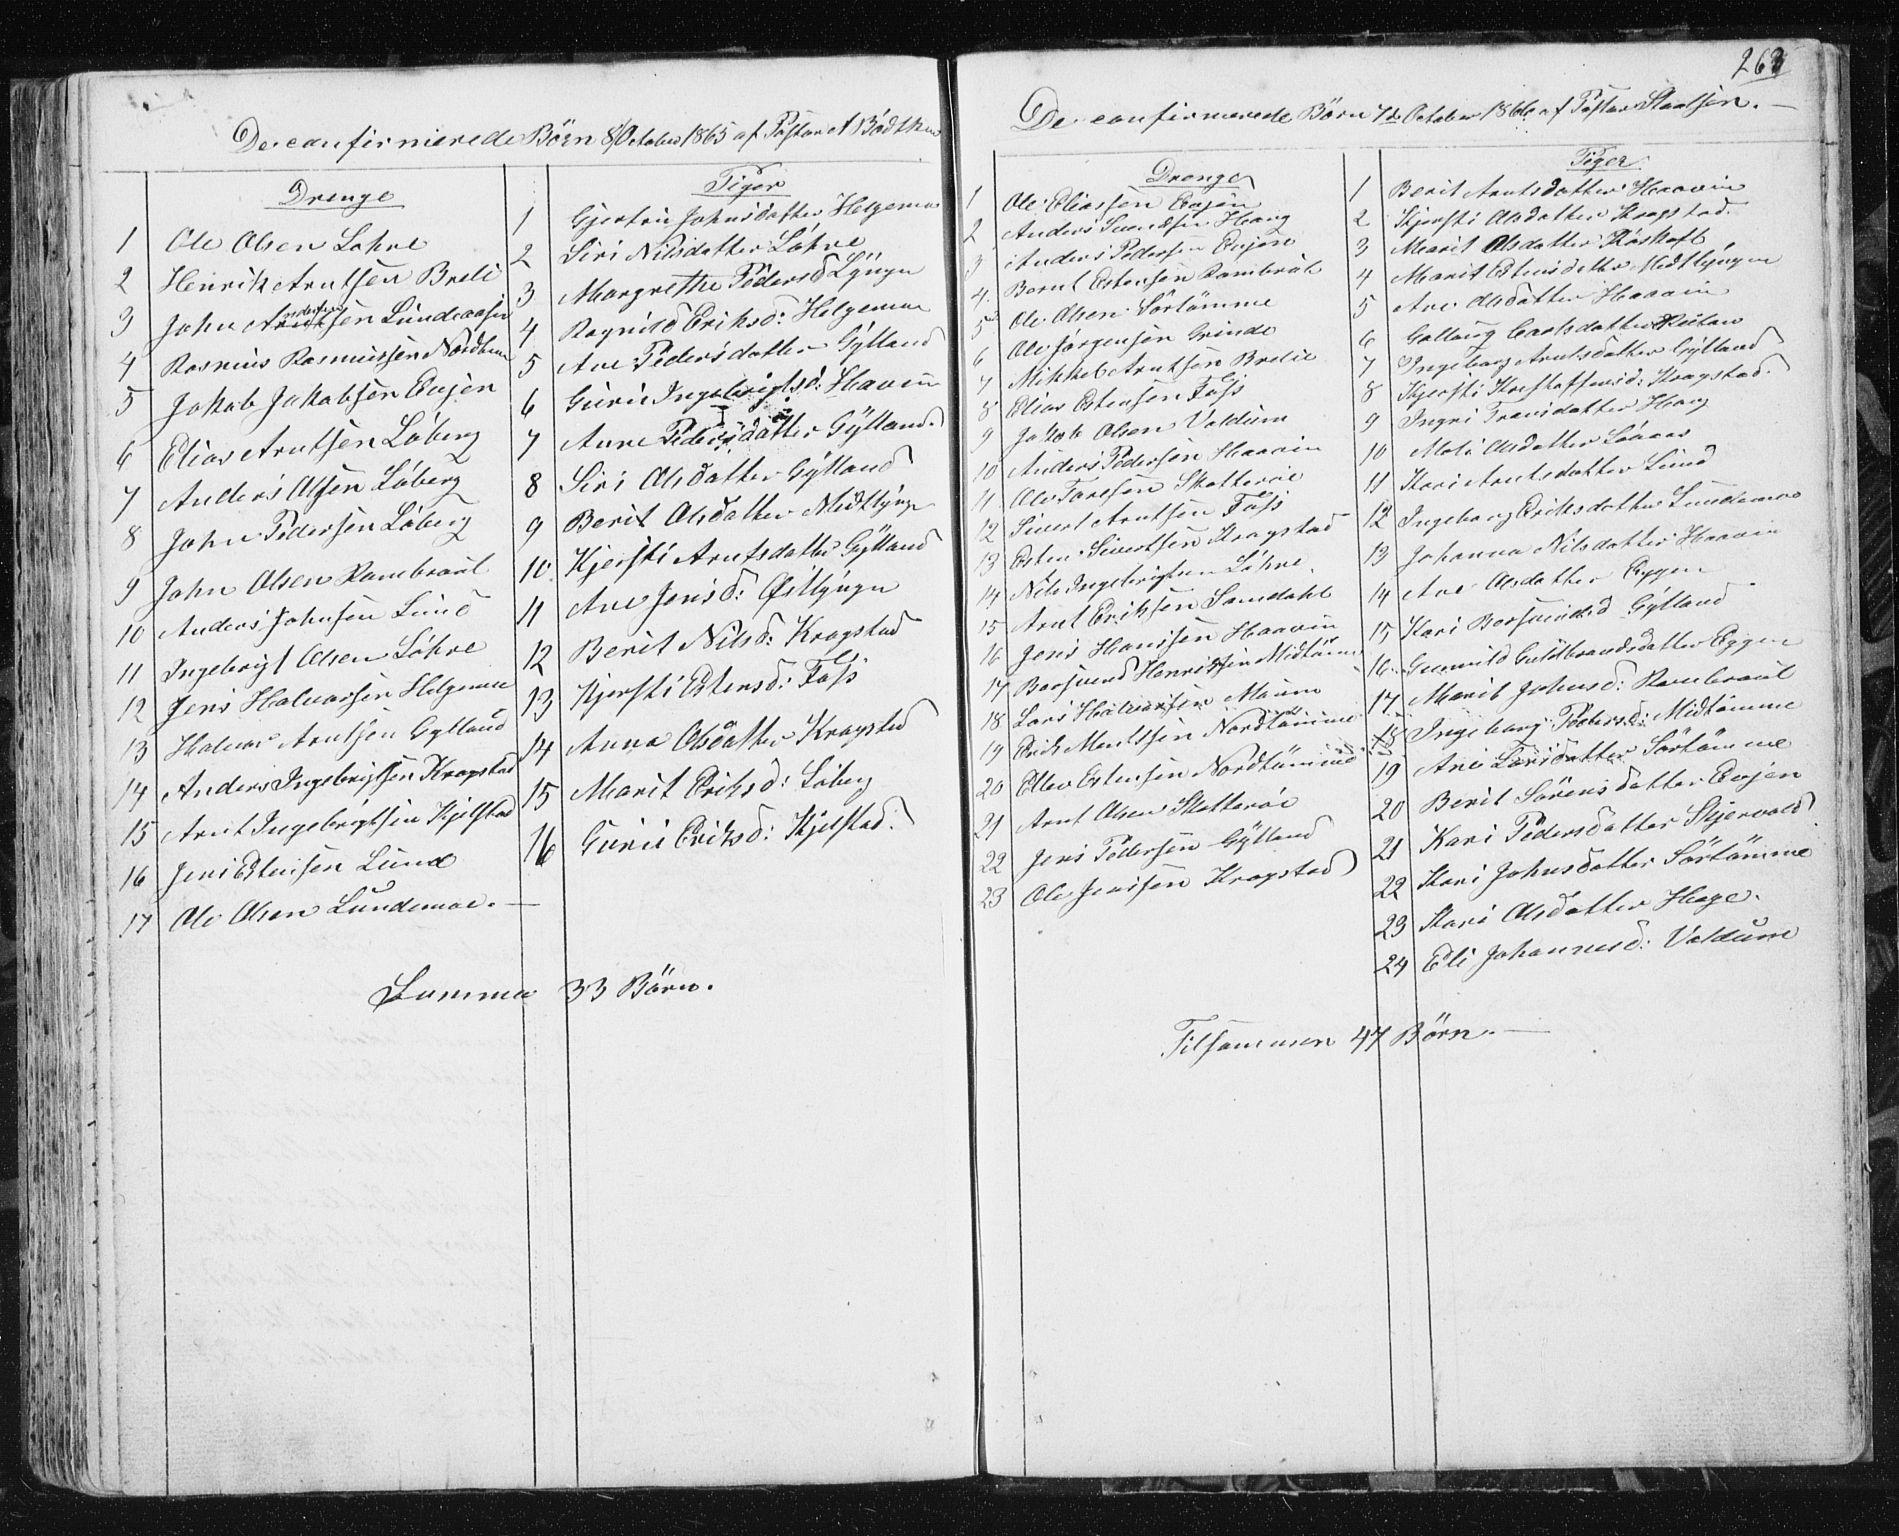 SAT, Ministerialprotokoller, klokkerbøker og fødselsregistre - Sør-Trøndelag, 692/L1110: Klokkerbok nr. 692C05, 1849-1889, s. 263